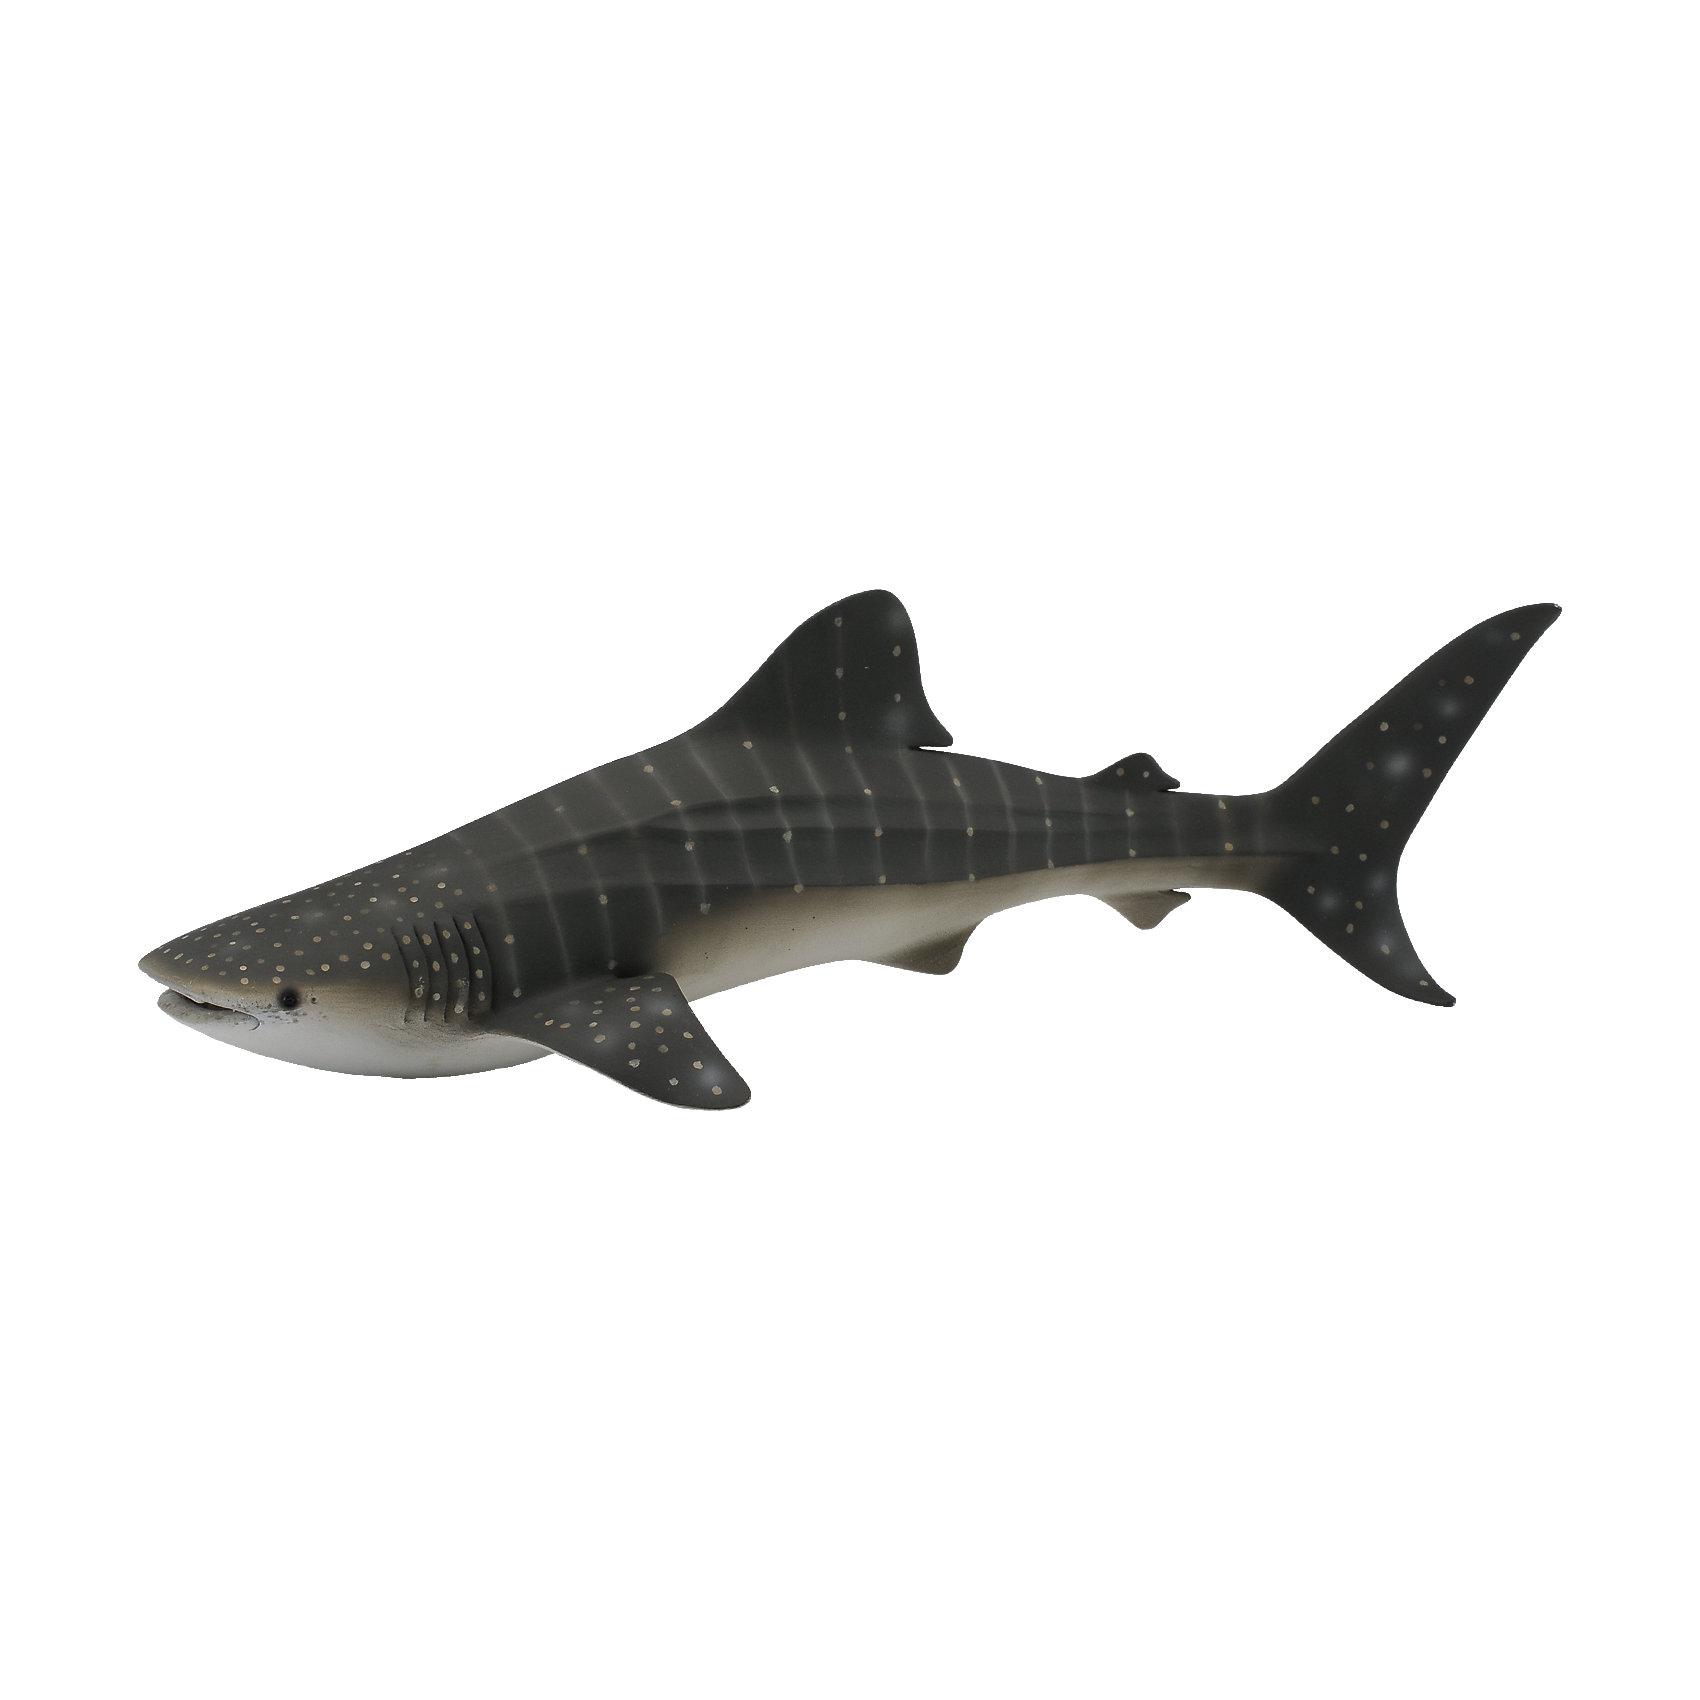 Китовая акула, XL, CollectaМир животных<br><br><br>Ширина мм: 200<br>Глубина мм: 10<br>Высота мм: 10<br>Вес г: 40<br>Возраст от месяцев: 36<br>Возраст до месяцев: 192<br>Пол: Унисекс<br>Возраст: Детский<br>SKU: 5534521